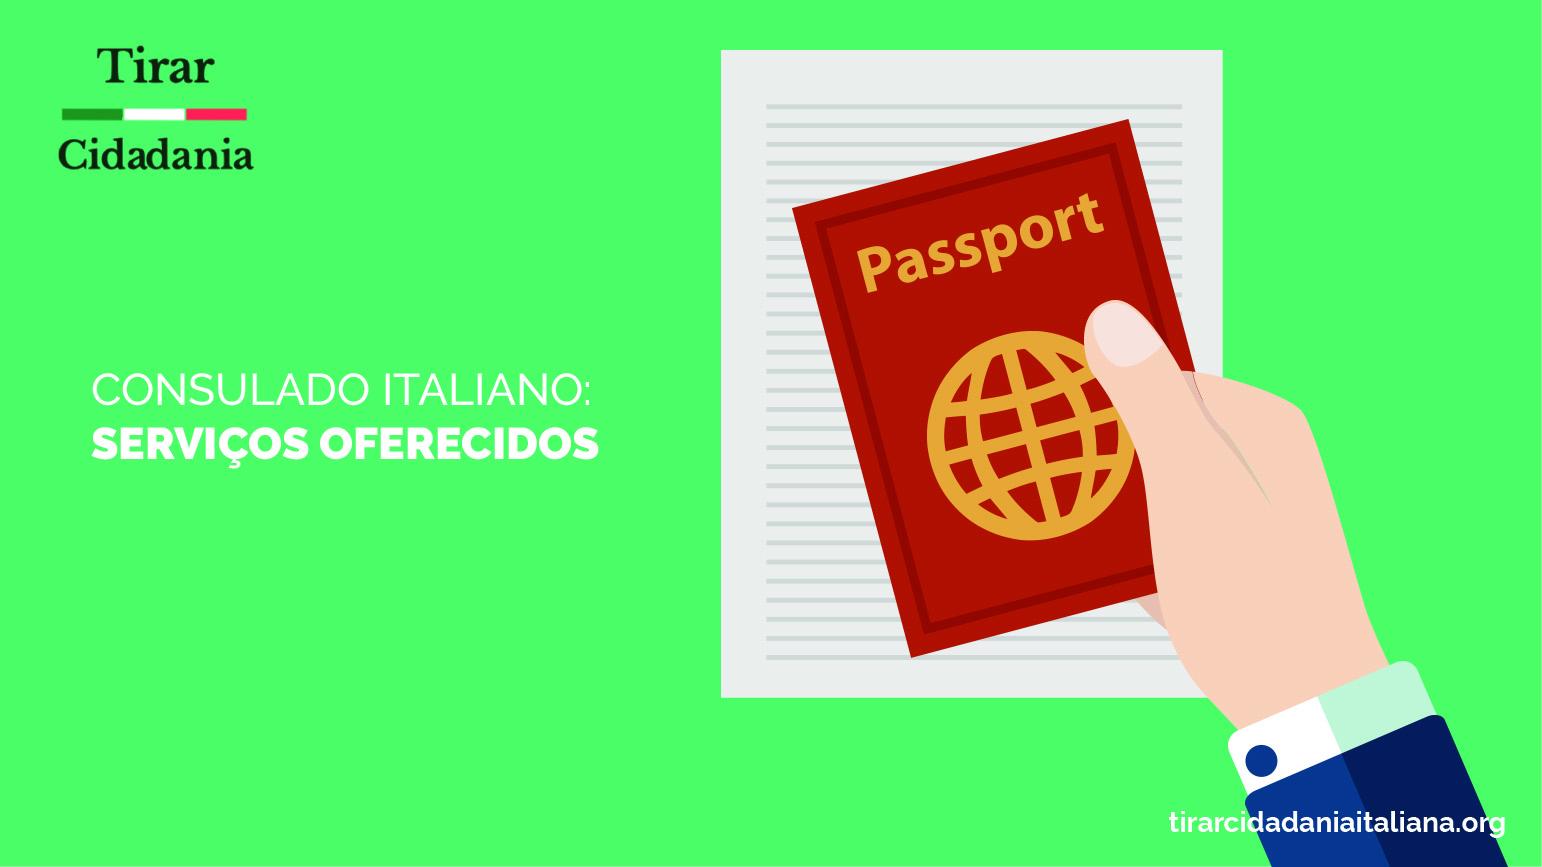 Serviços Oferecidos pelos Consulados Italianos ATUALIZADO 2018